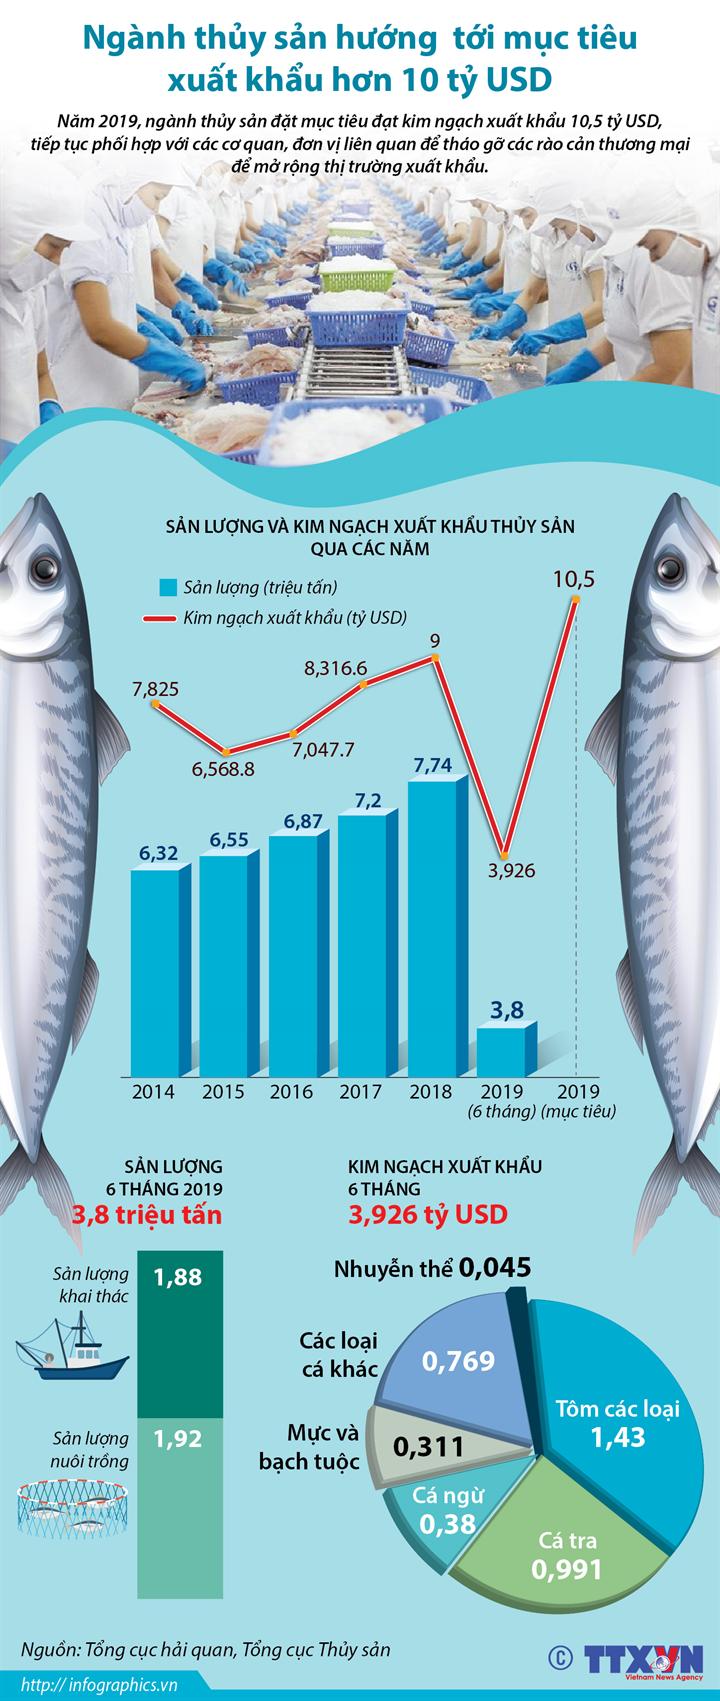 Ngành thủy sản hướng tới mục tiêu xuất khẩu hơn 10 tỷ USD